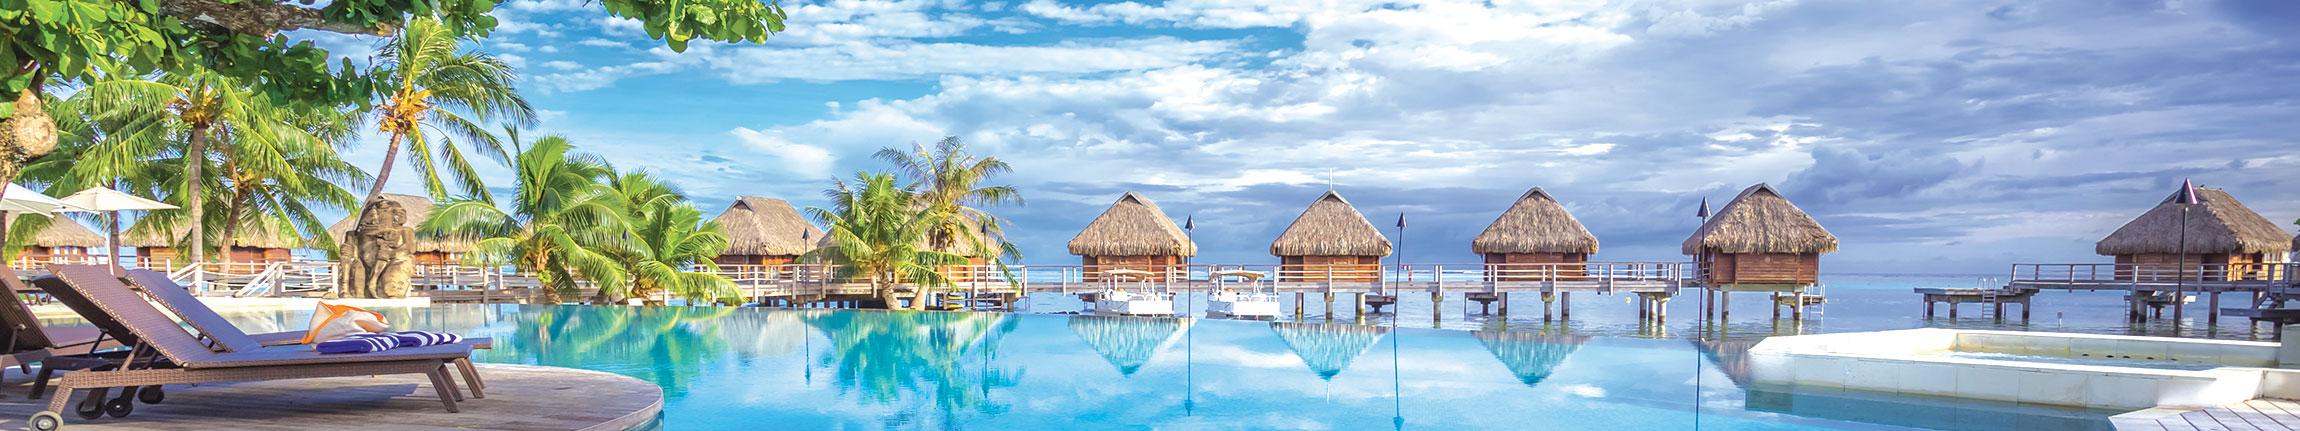 Flight From Auckland Hotel Moorea Holidays E Tahiti